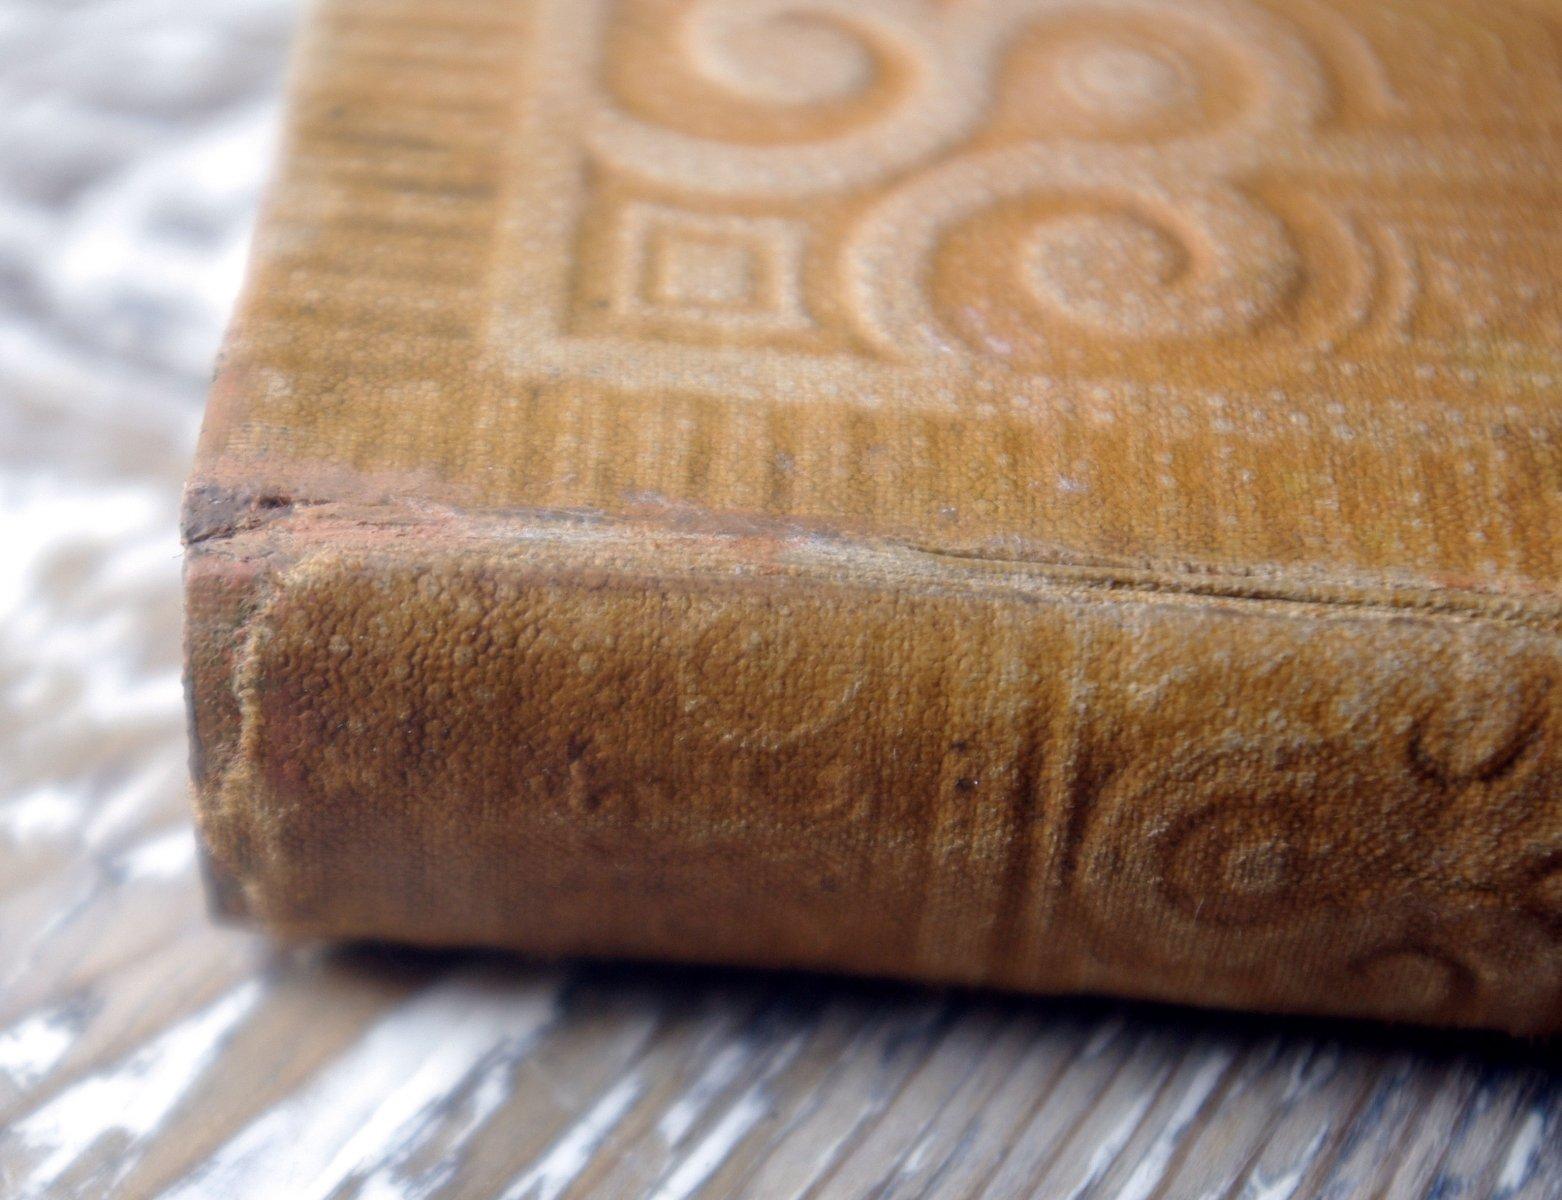 Фрагмент отреставрированного переплета Евангелия 1895 года издания. У издания был оторван корешок. На фото видна затонированная основа, на которую наклеен оригинальный корешок.